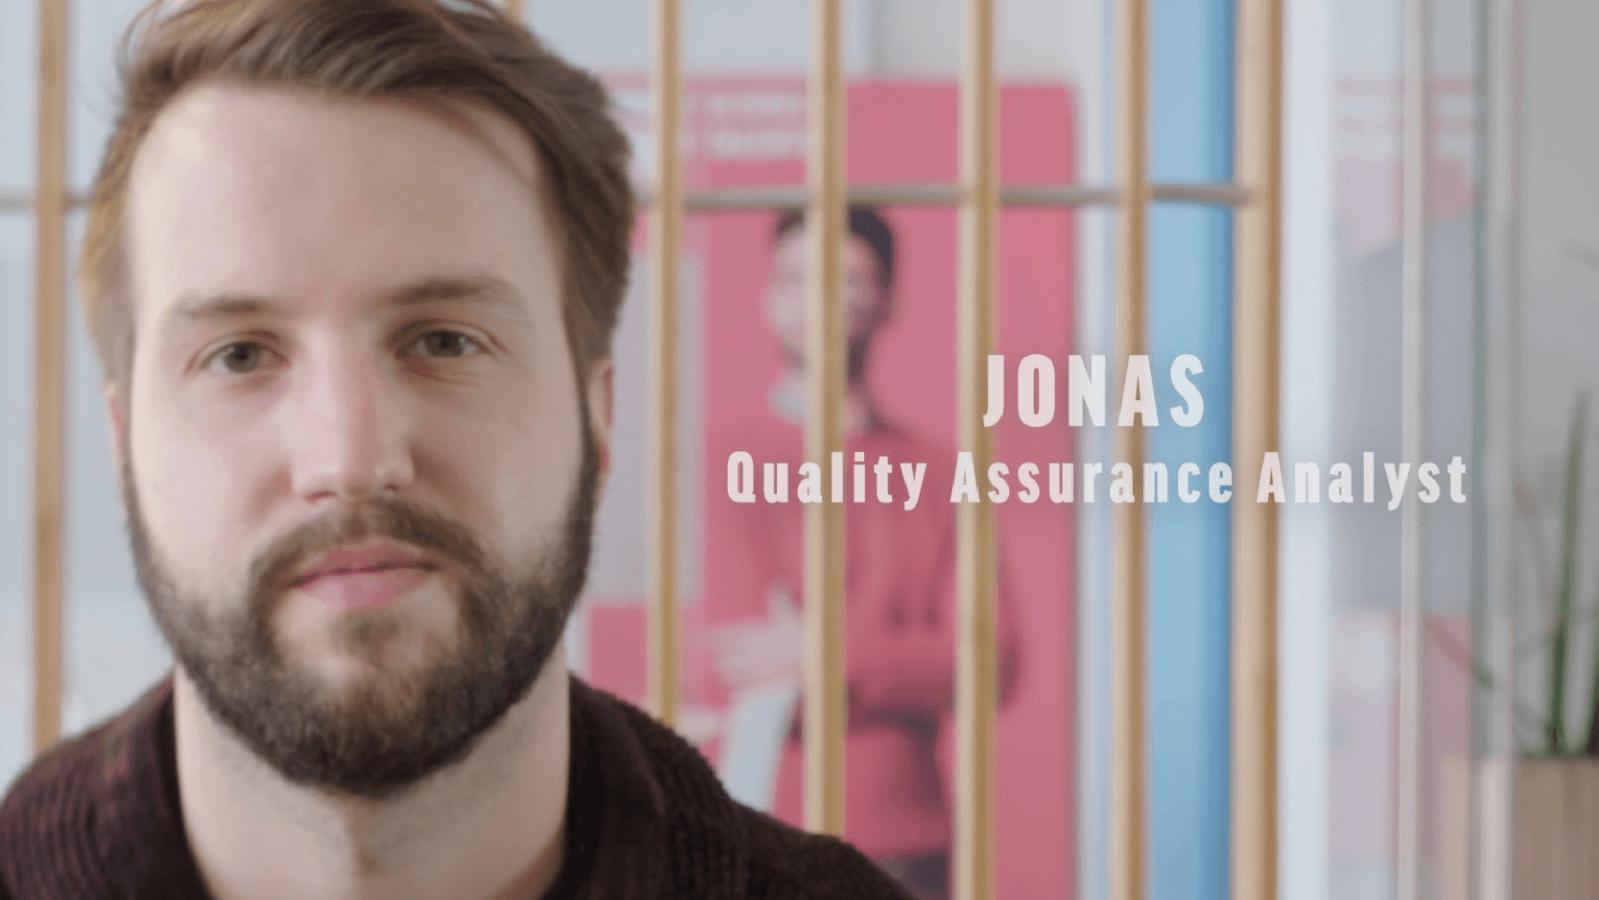 Jonas website_Tekengebied 1